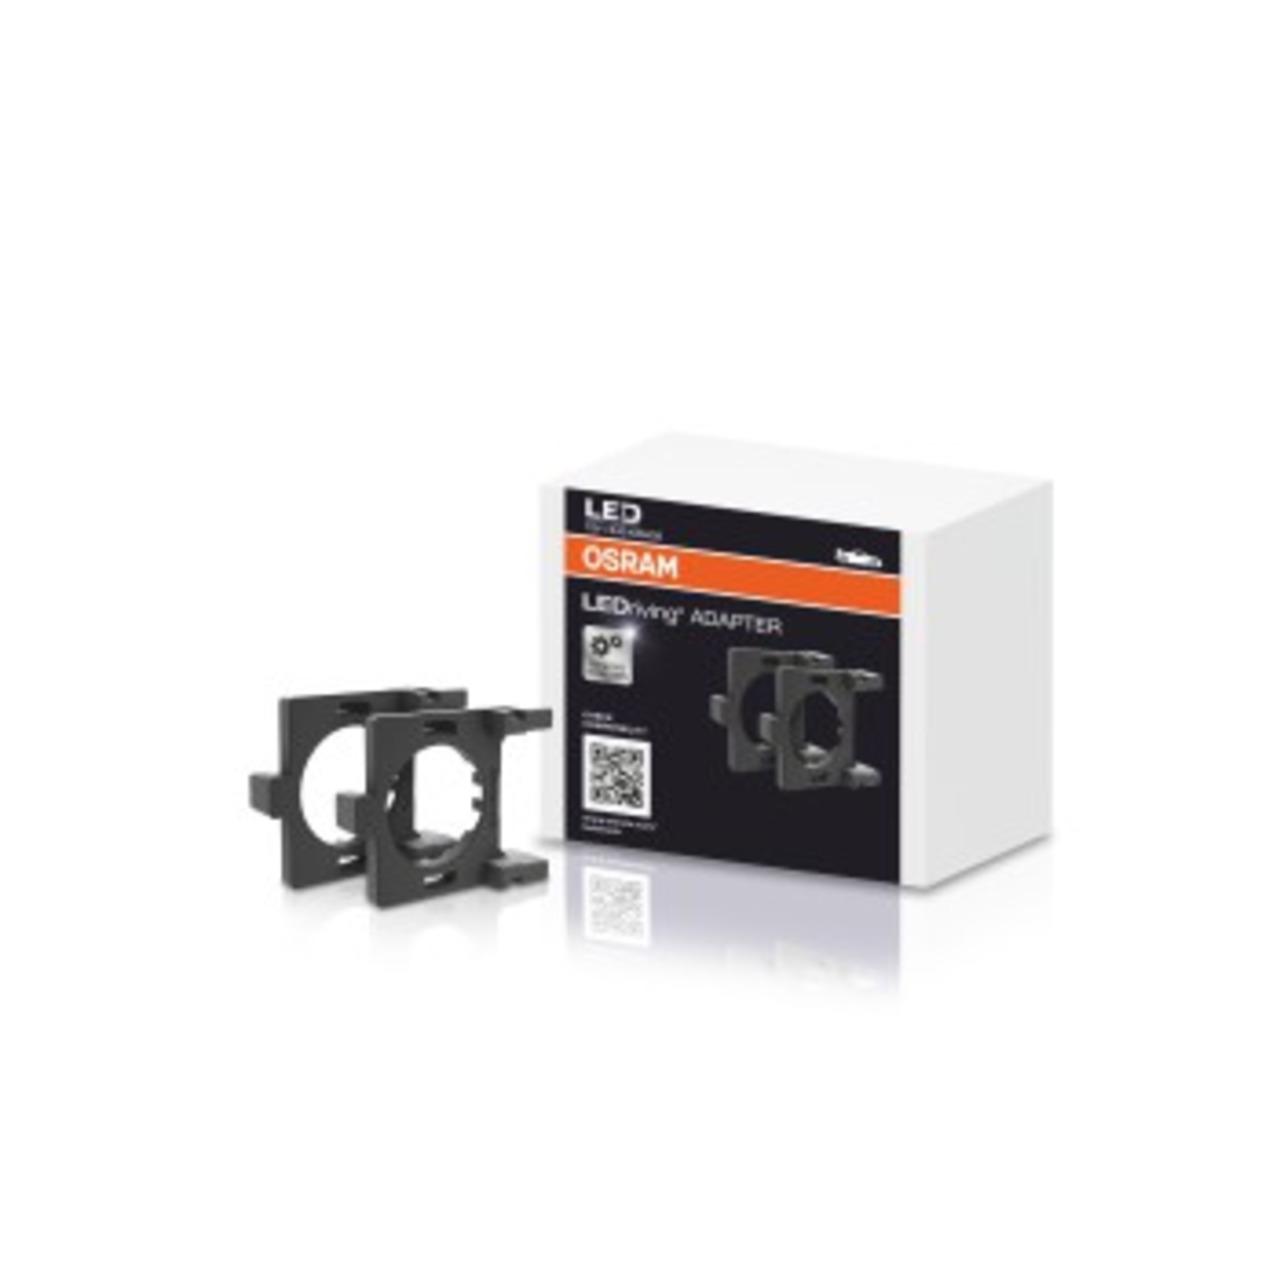 OSRAM LEDriving Adapter DA02 für H7-LED-Nachrüstlampe NIGHT BREAKER(R) LED